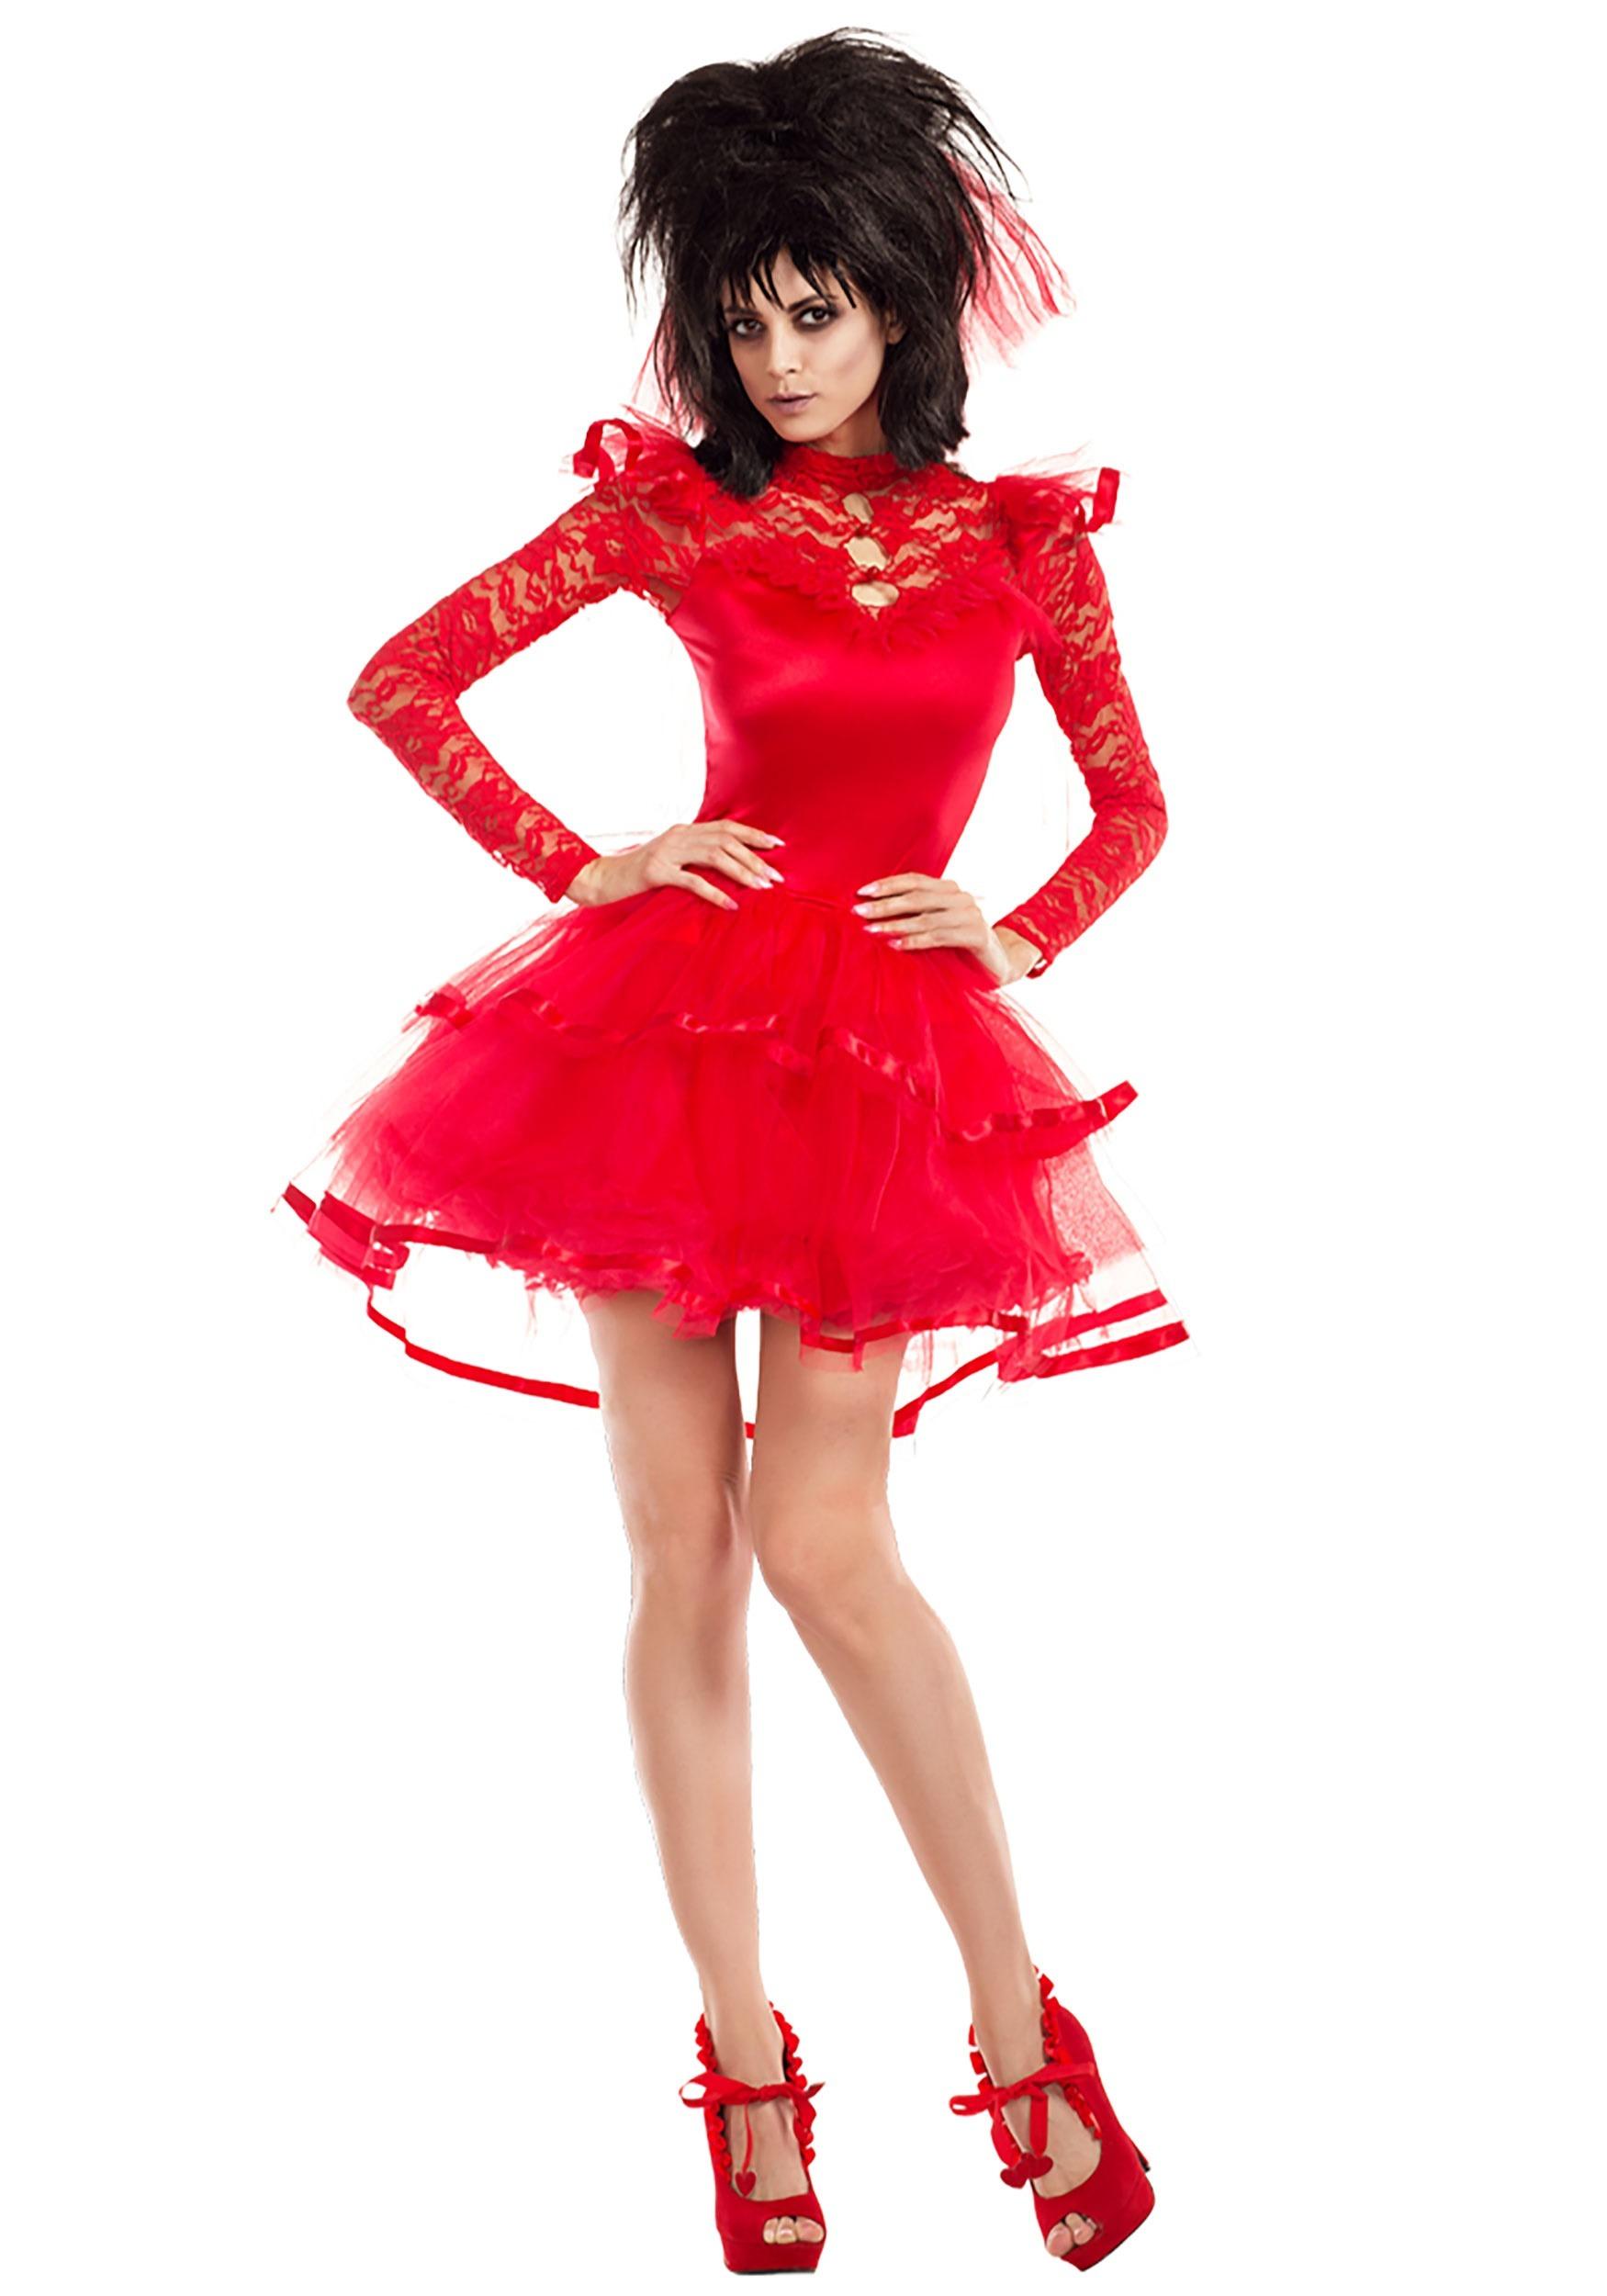 Beetle Bride Fancy Dress Costume for Women